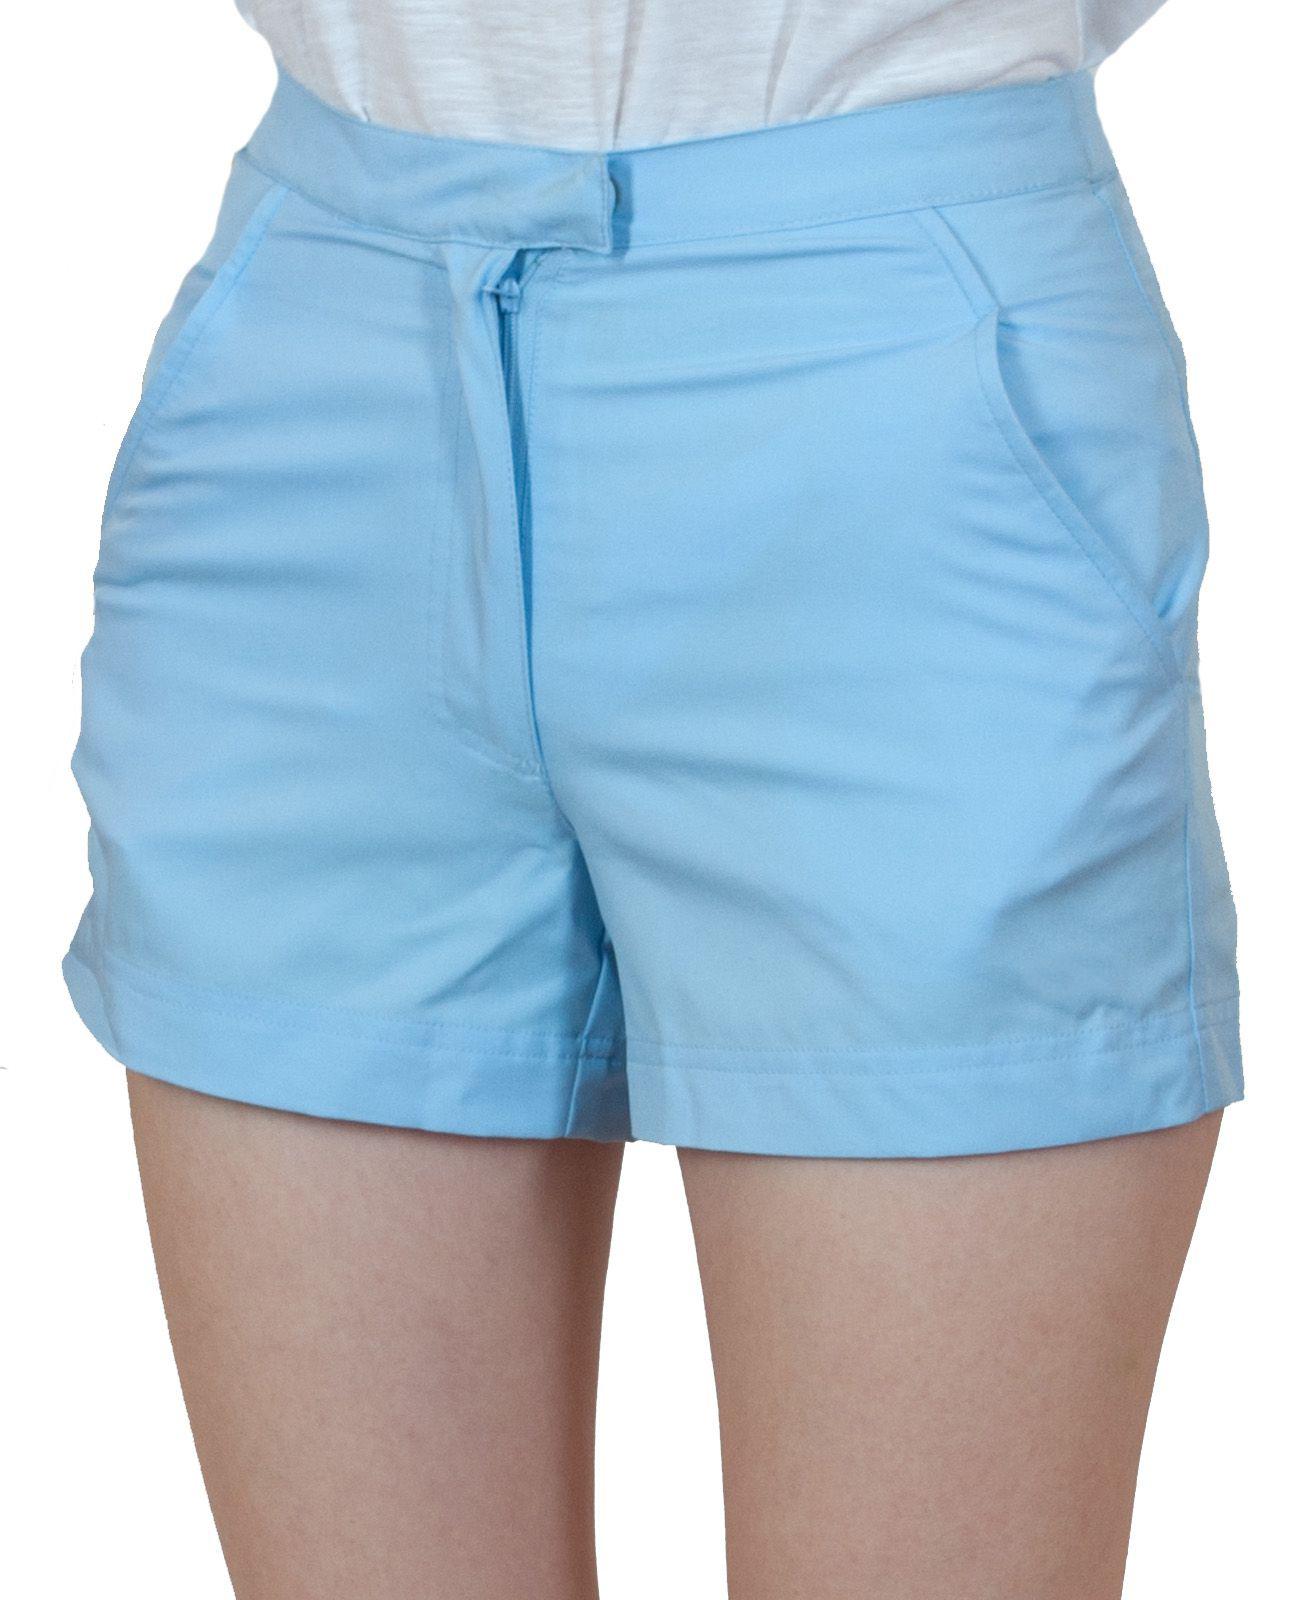 Светло-голубые шорты для девушки